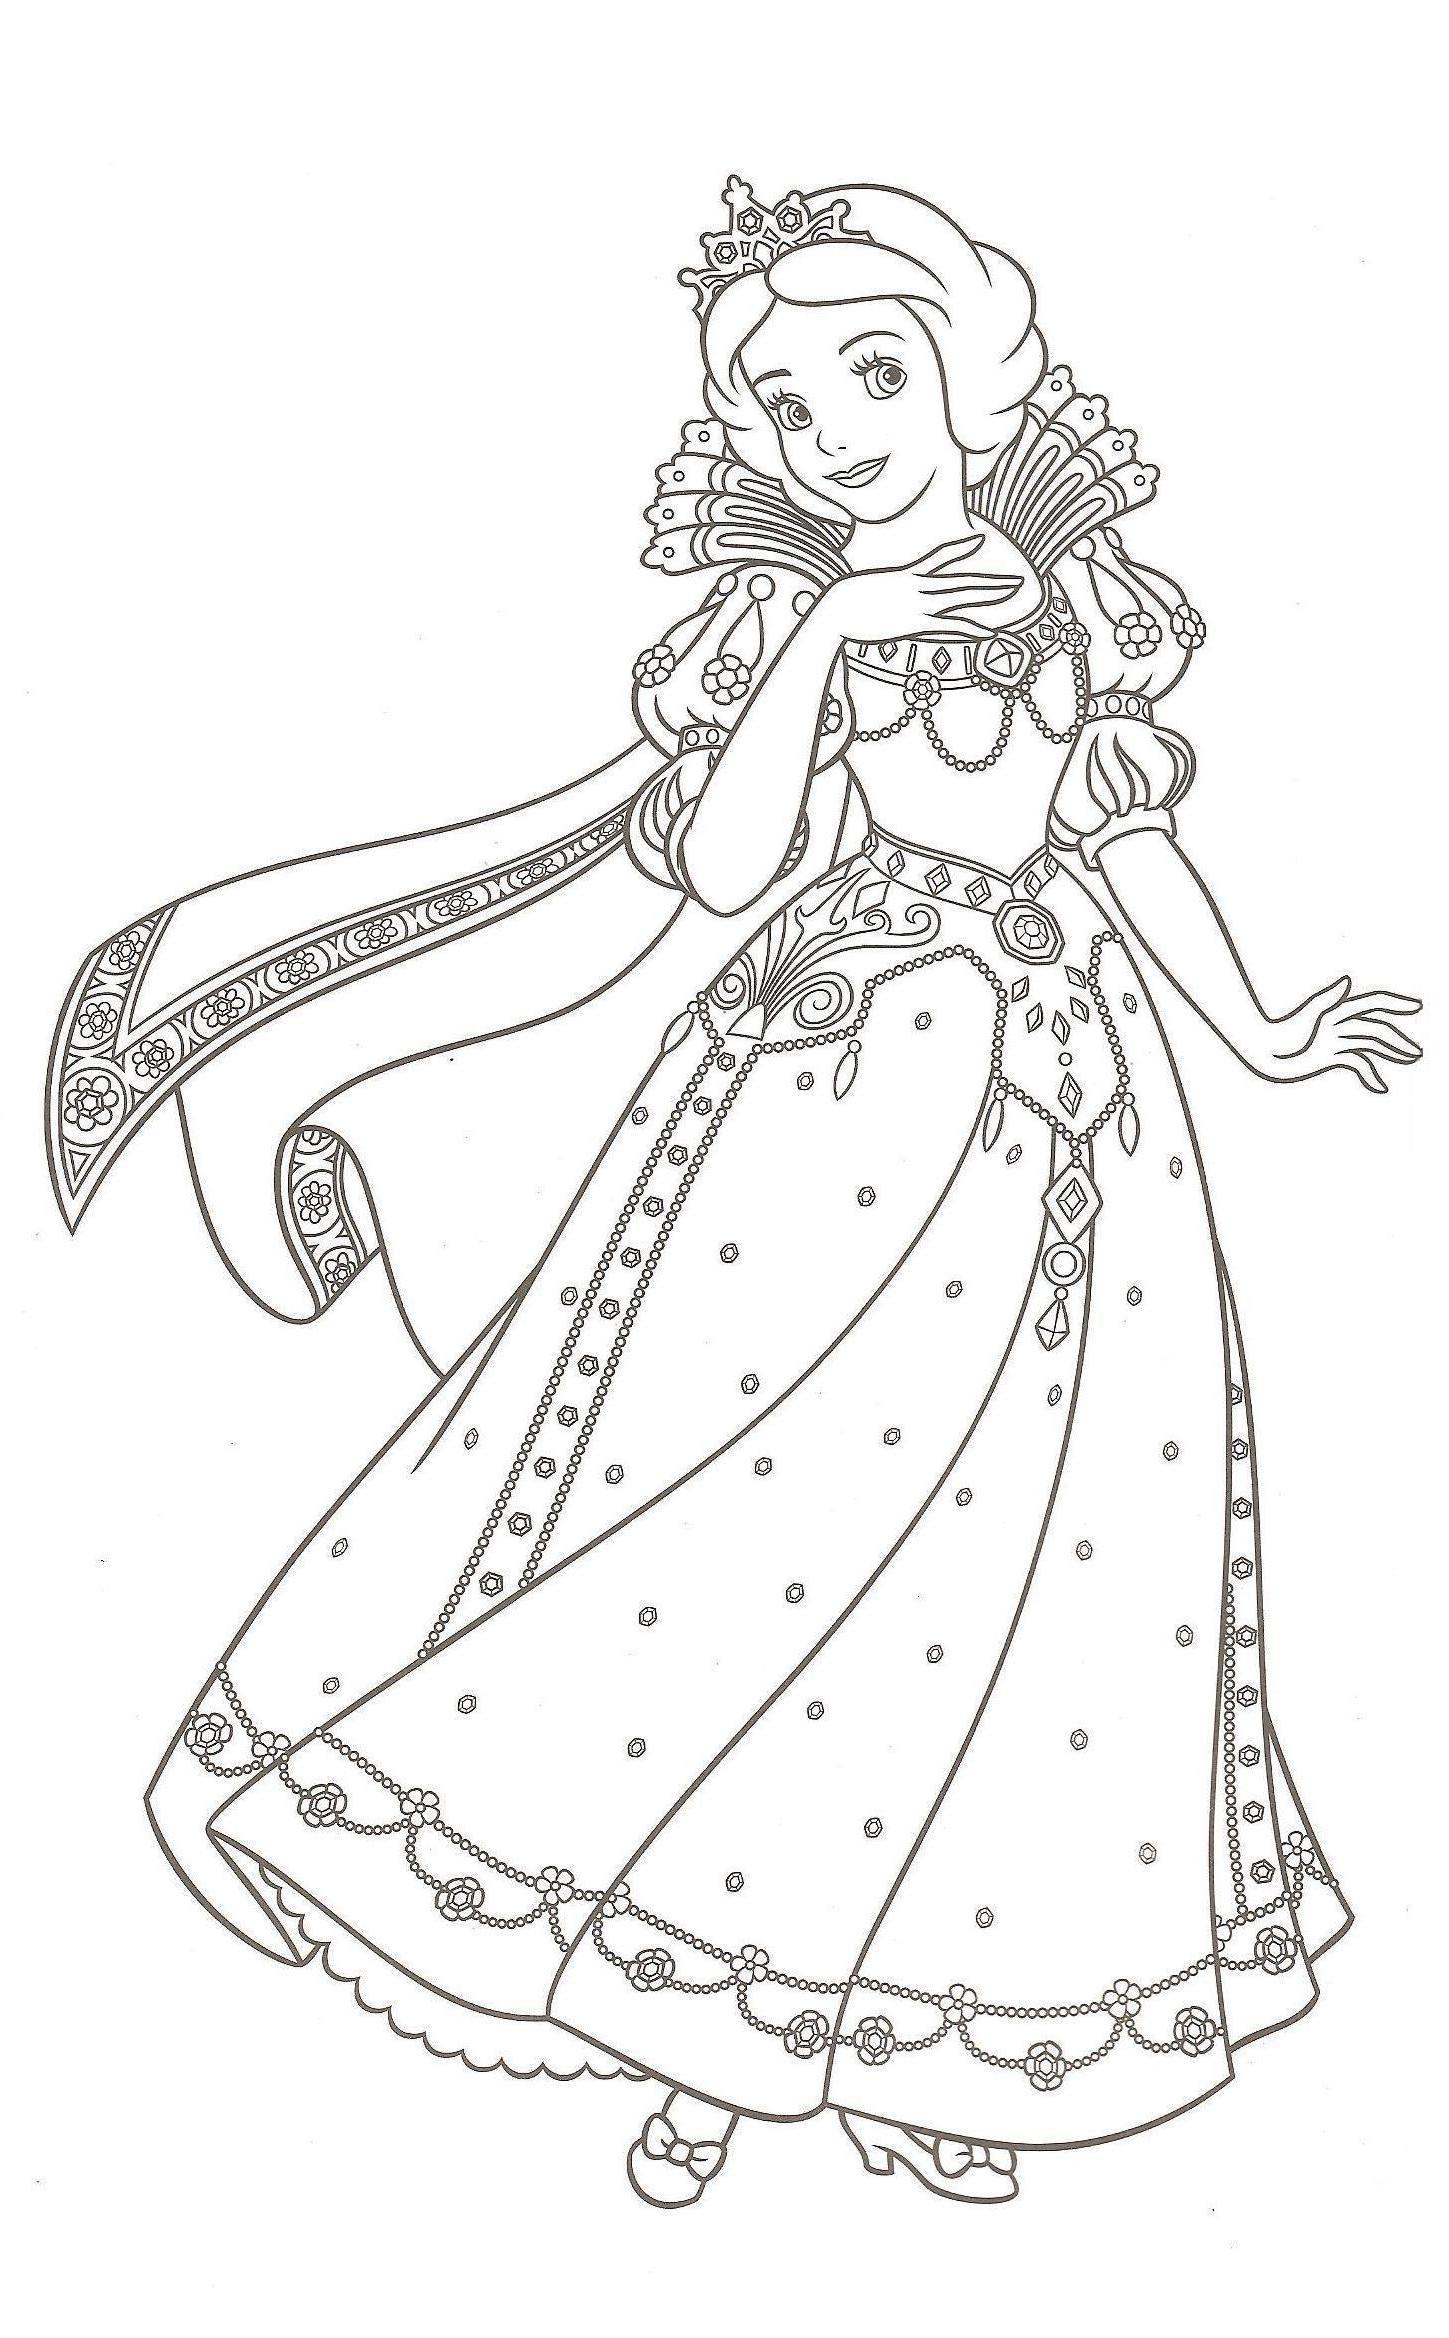 Coloriage Princesse En Ligne Gratuit | Coloriage Blanche destiné Coloriage Princesse Disney